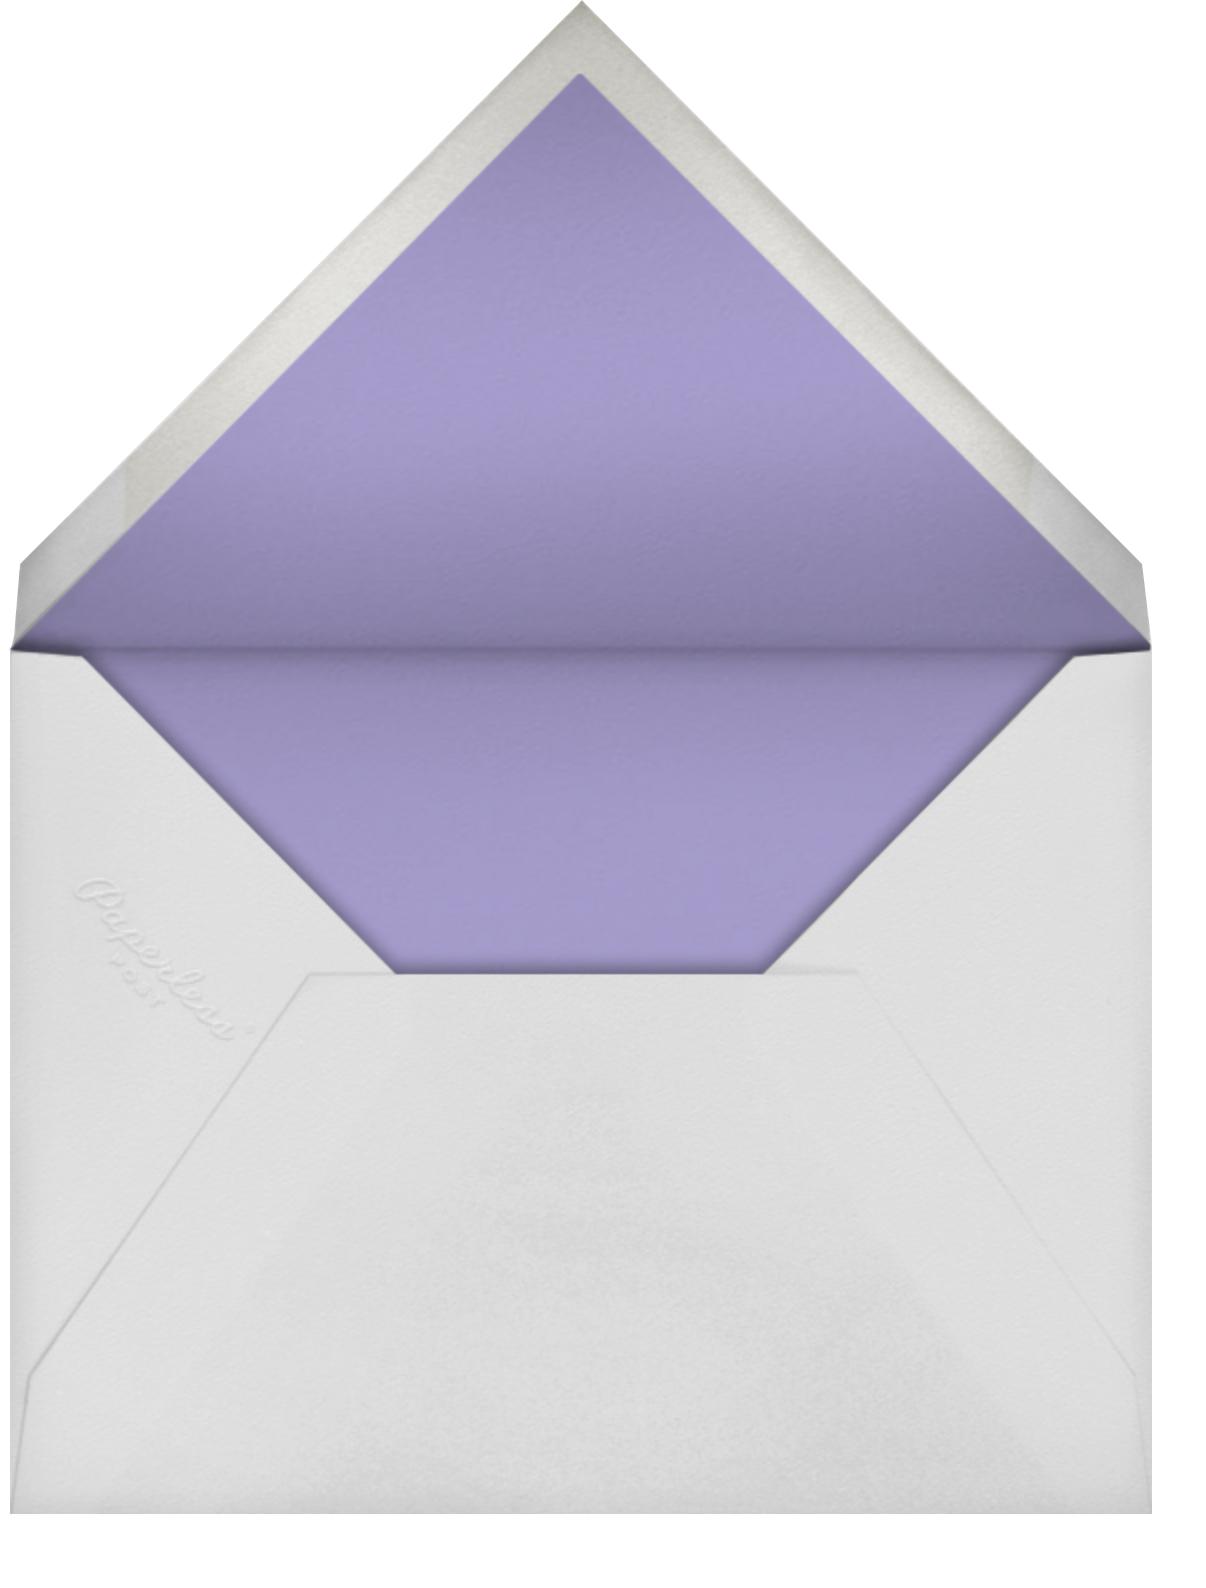 Centered - Lavender - kate spade new york - Envelope